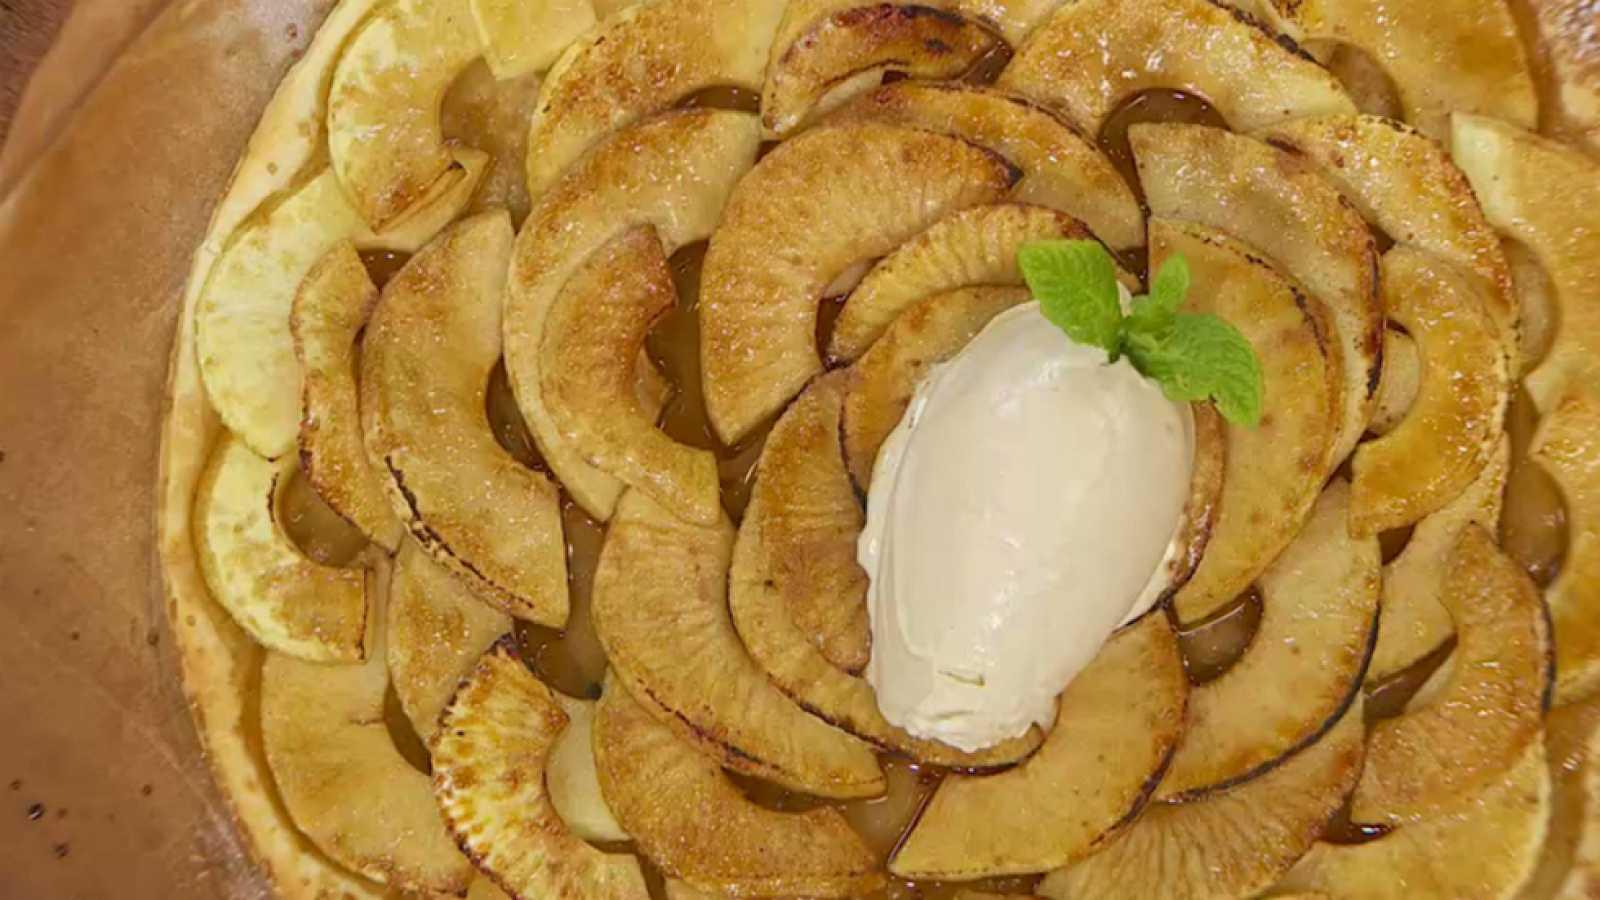 Torres en la cocina - Tarta fina de manzana con helado casero